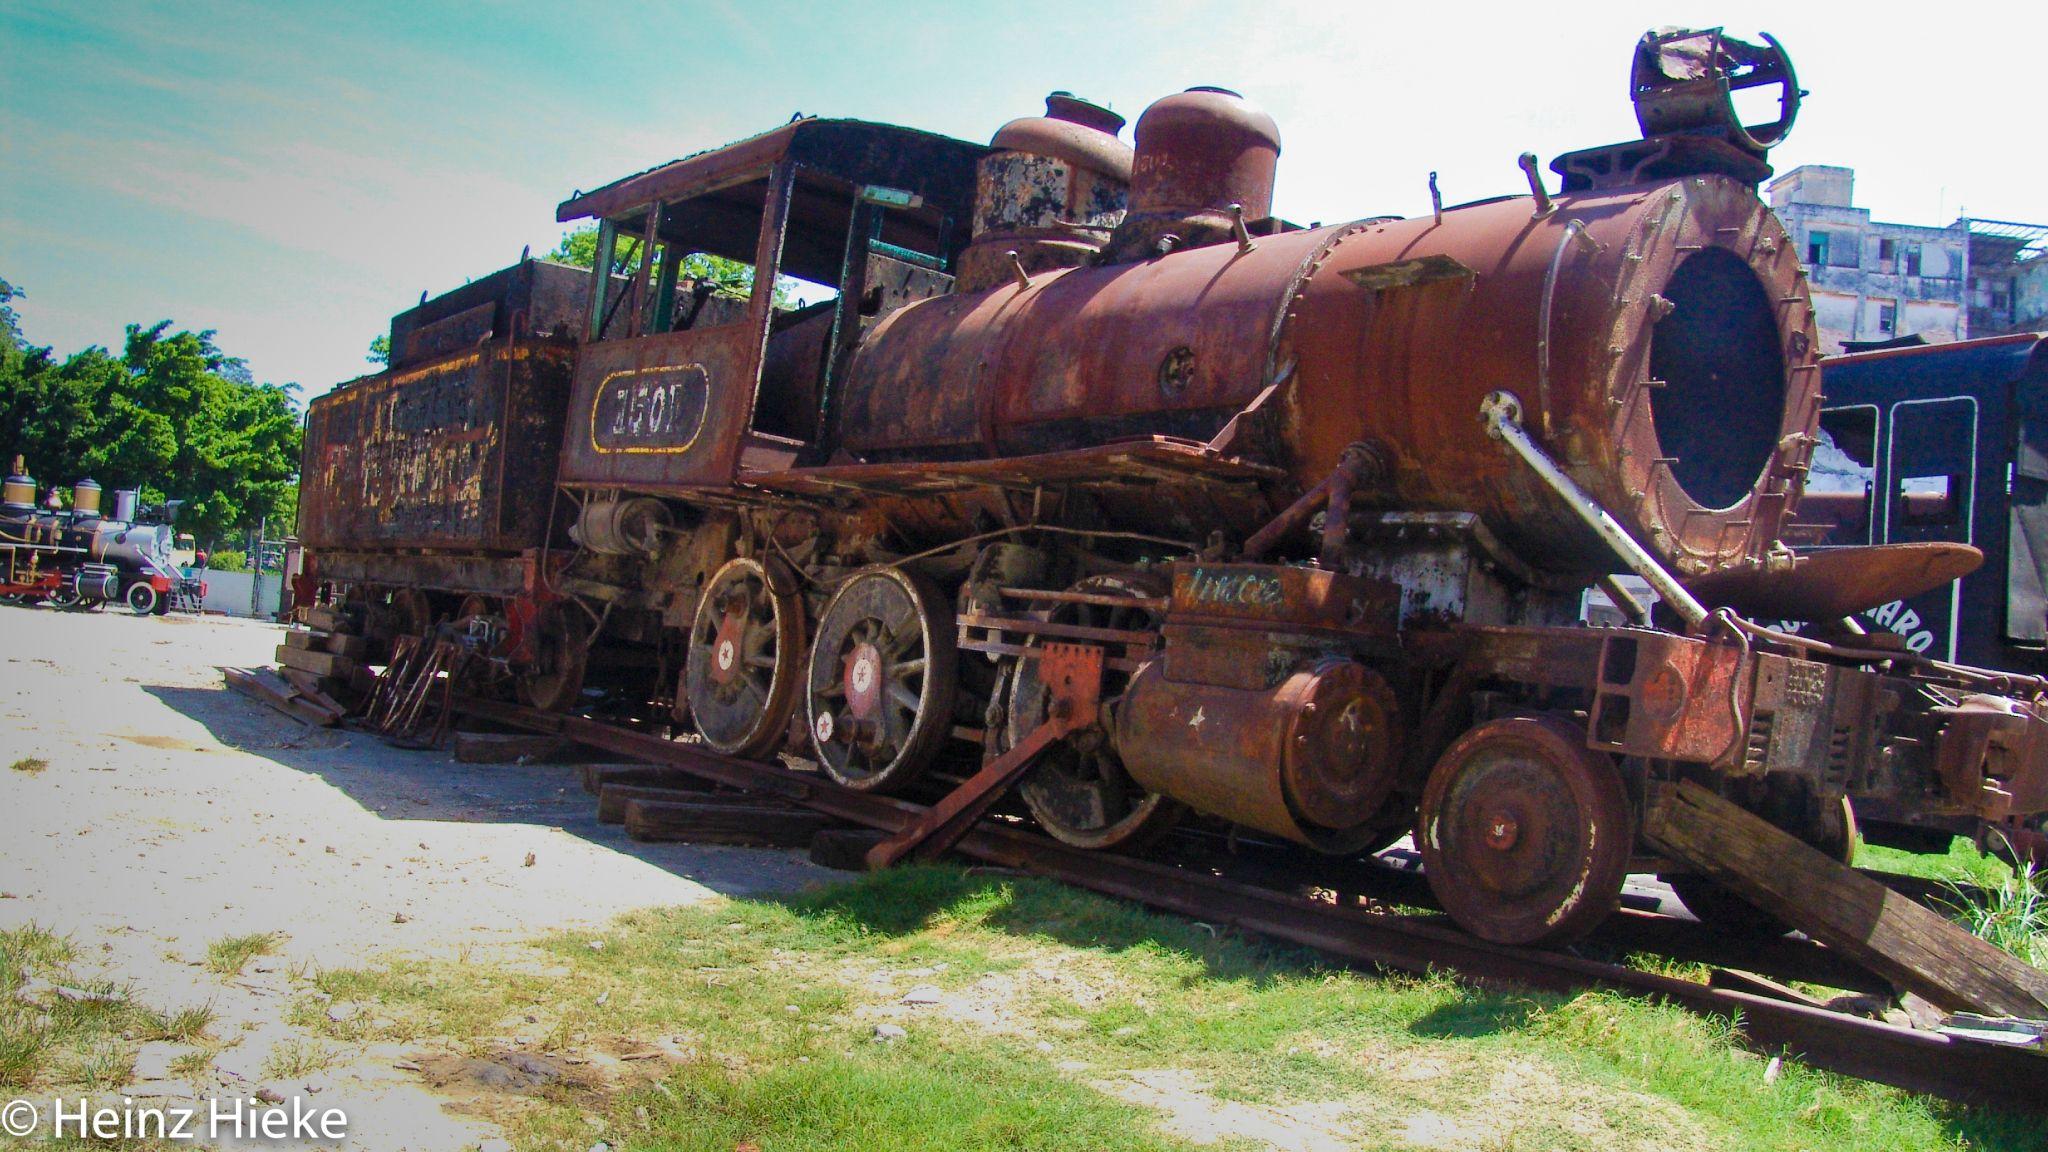 locomotive cemetery, Cuba